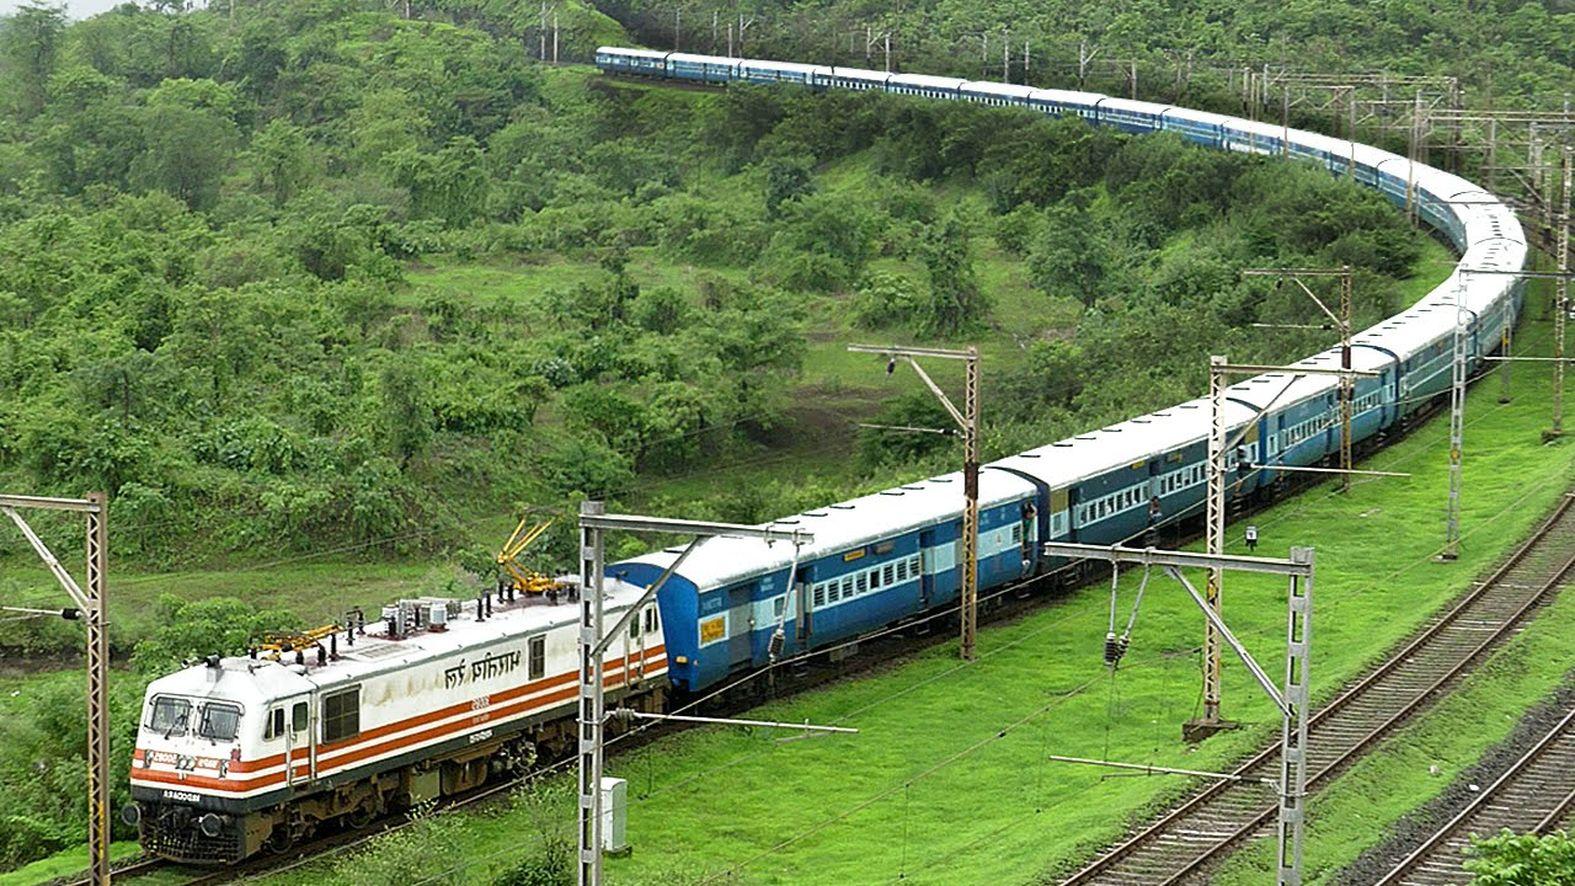 रेलवे में अजब हालात: कर्मचारी कम करके बढ़ा रहे काम, अब ट्रेनों का मेनेंटेस हो रहा प्रभावित